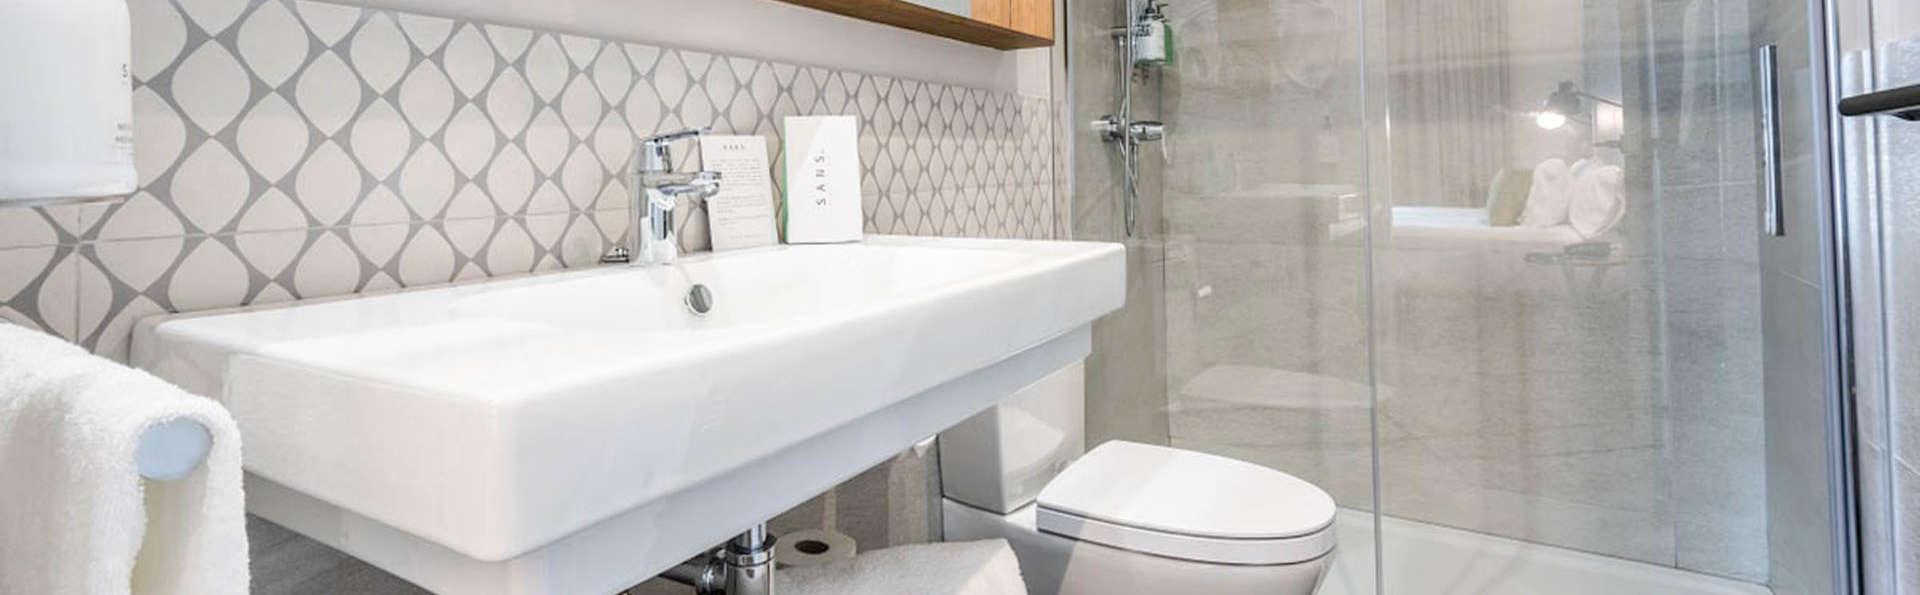 Hotel Villa Victoria By Intur - EDIT_BATHROOM_01.jpg